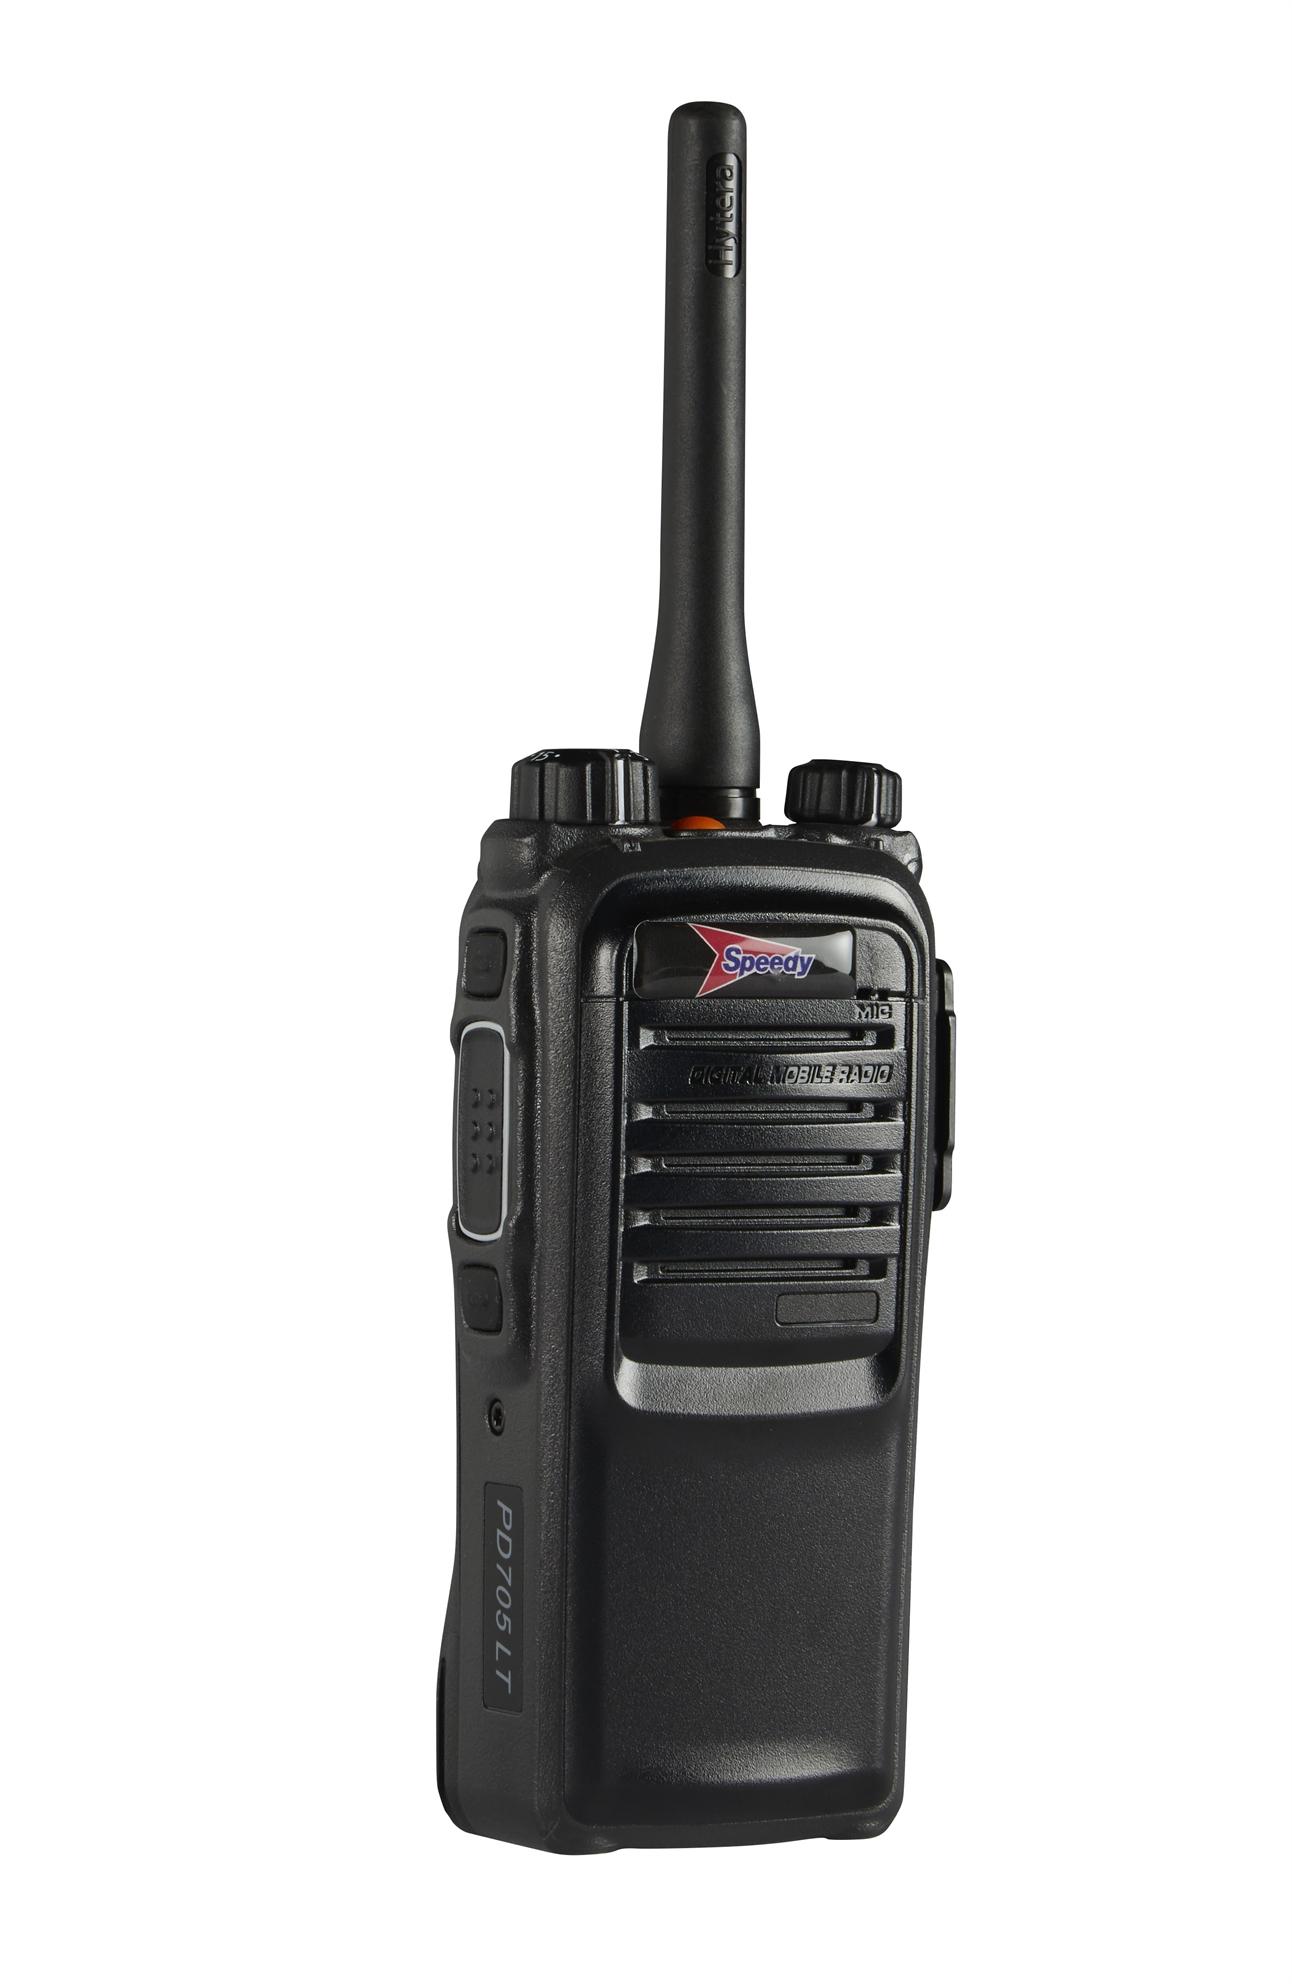 Hytera-Radio-PD705LT-24-1587.jpg